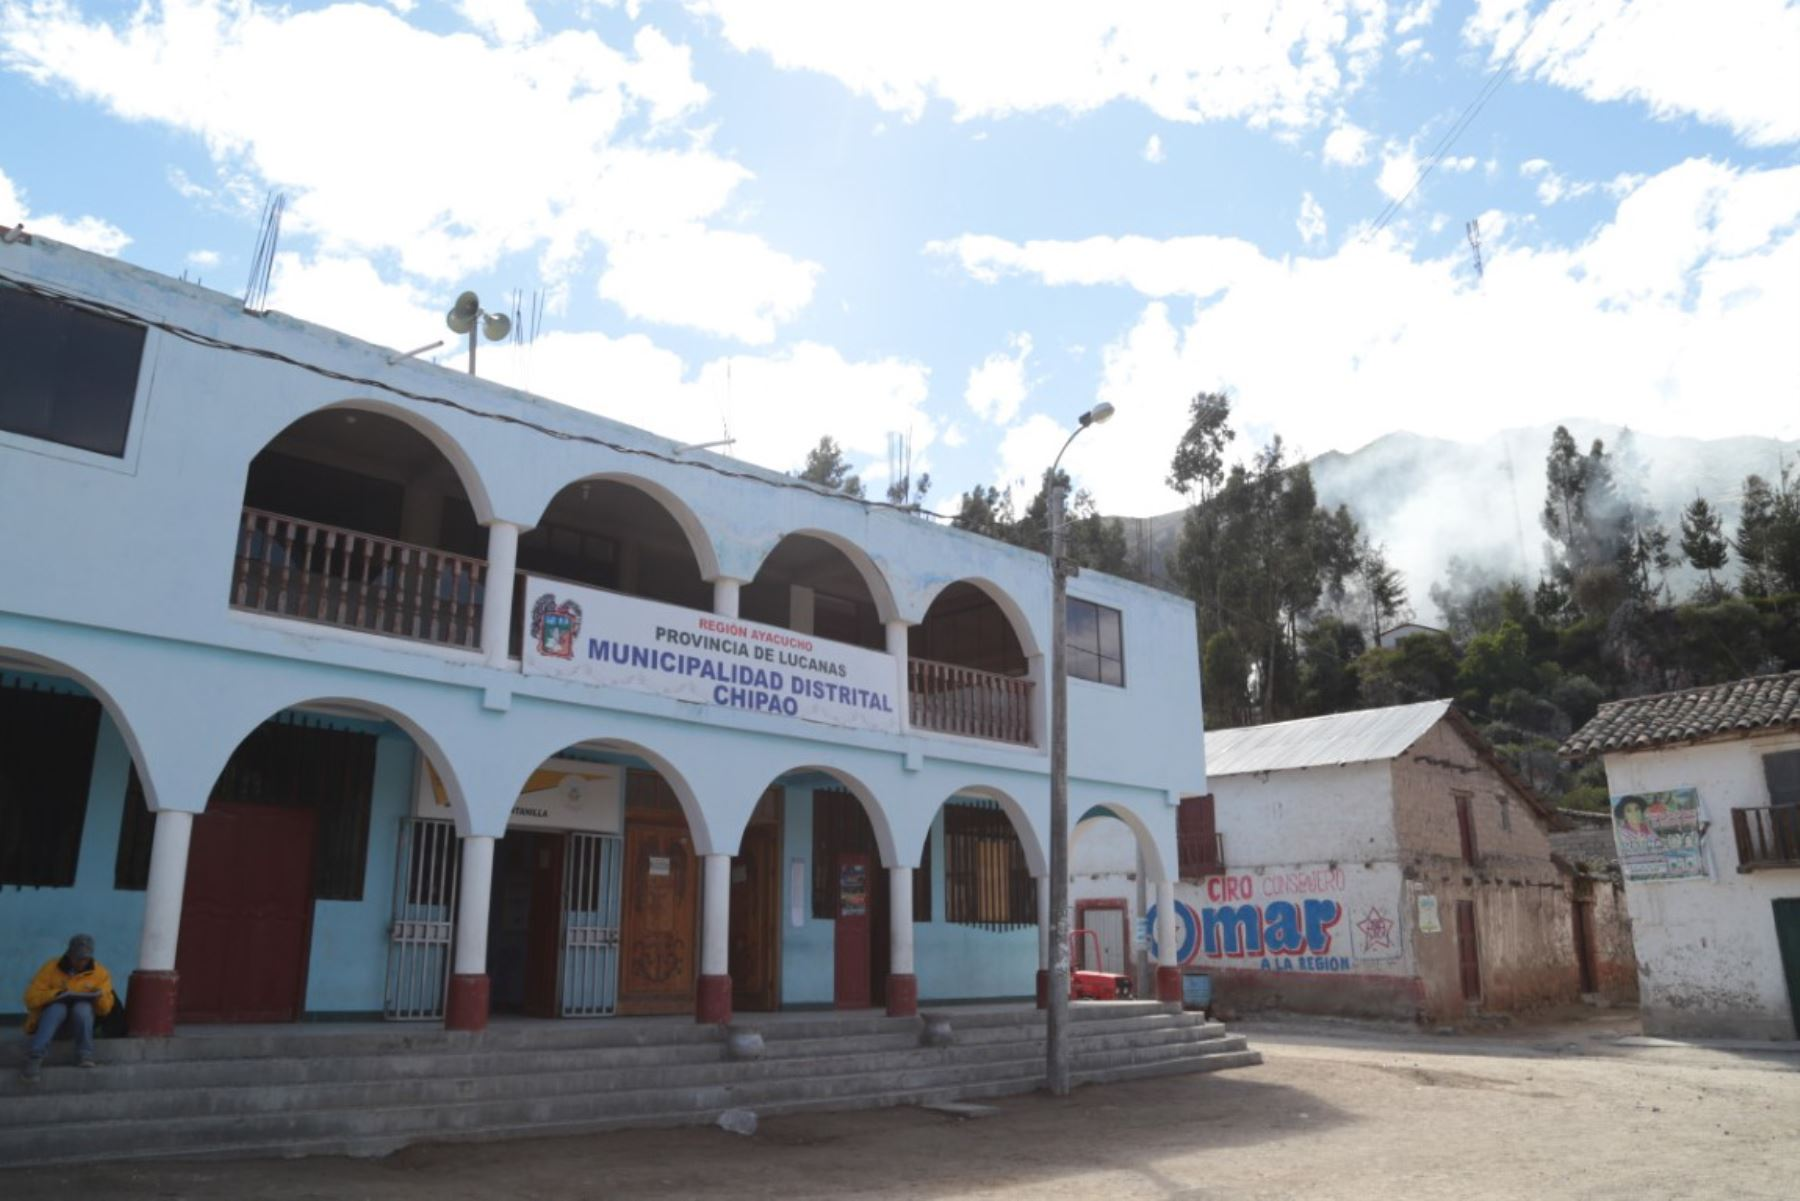 Palacio Municipal del distrito de Chipao, en el departamento de Ayacucho.